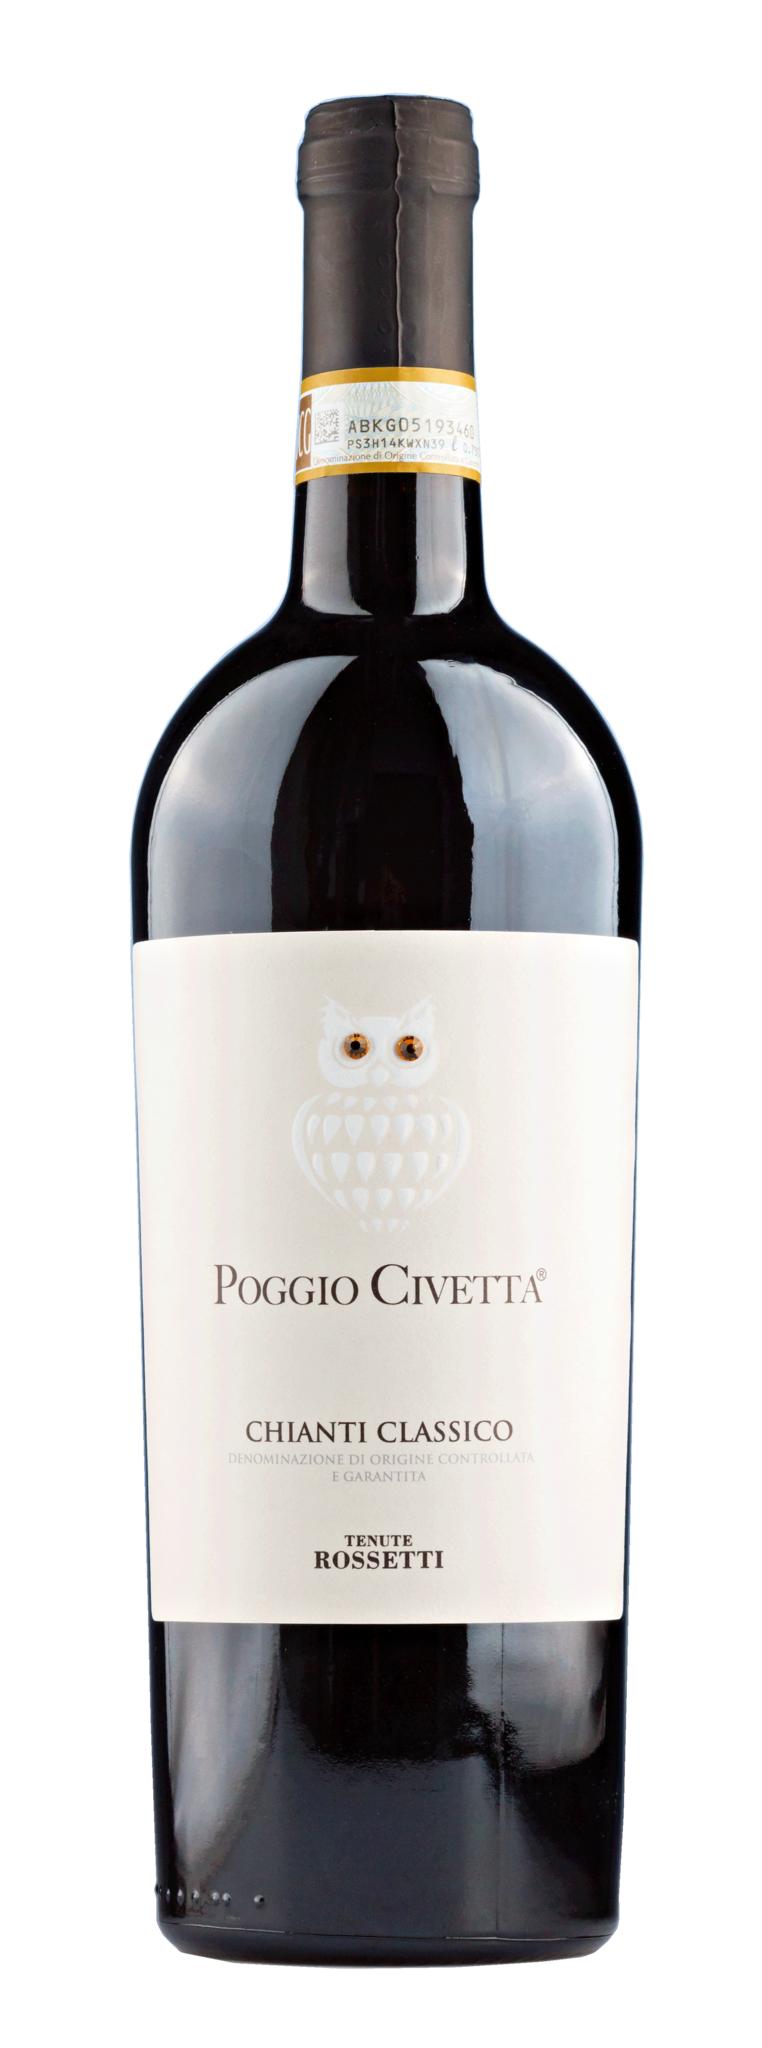 Farnese, Mittel- & Süditalien 2019 Chianti Classico Poggio Civetta, Tenute Rossetti